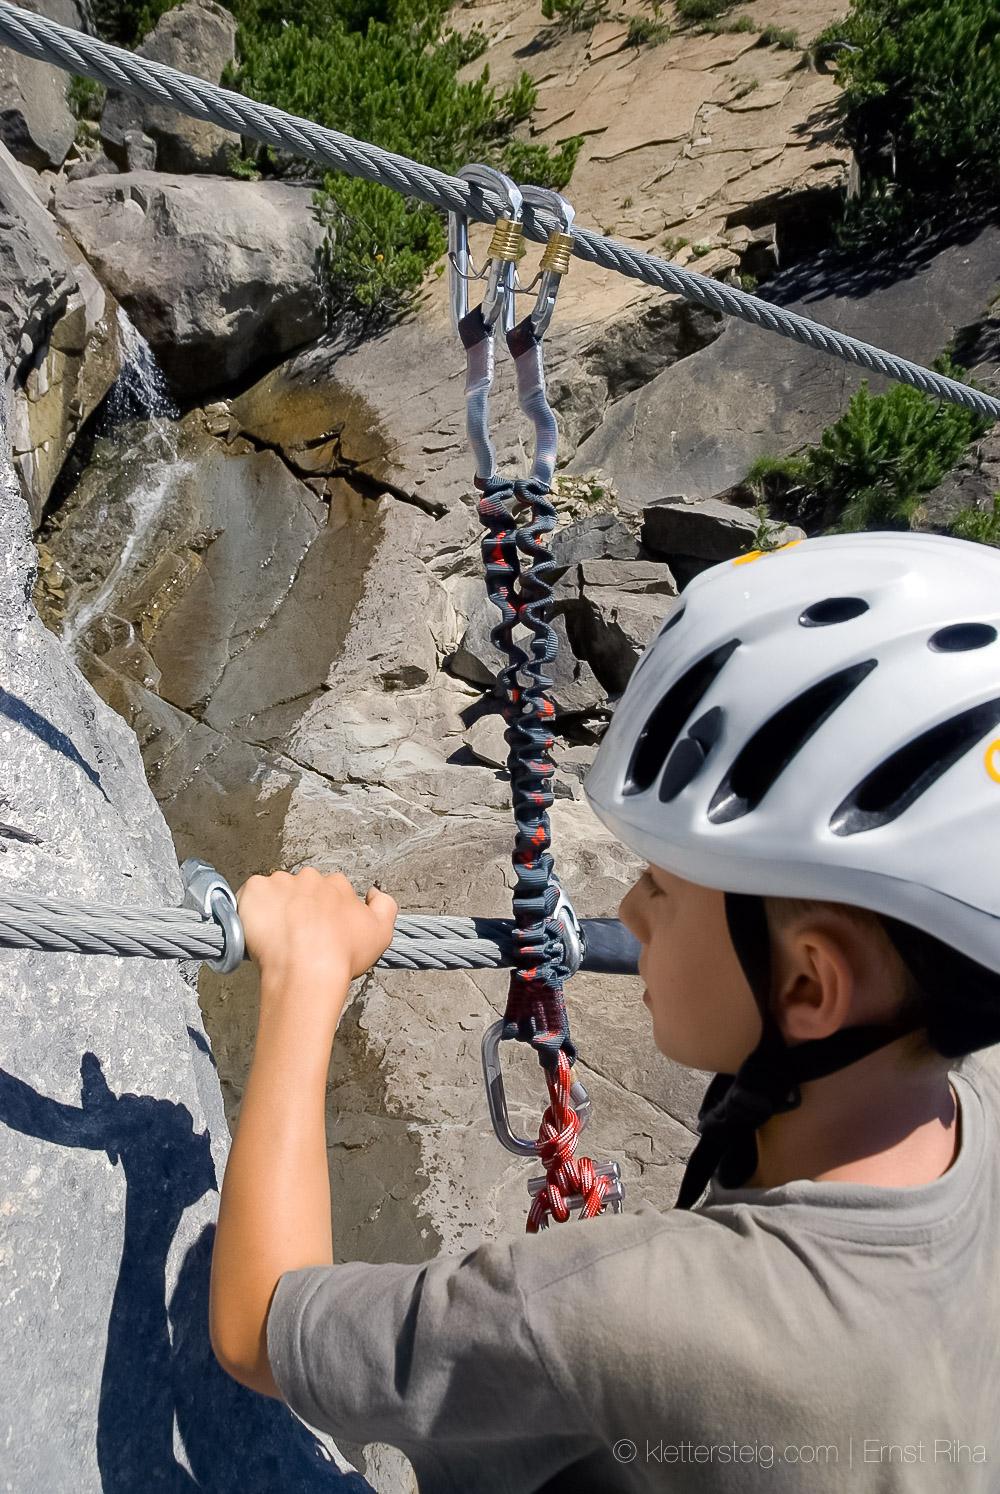 Imster Wasserfall-Klettersteig, Hüttenklettersteig am Muttekopf